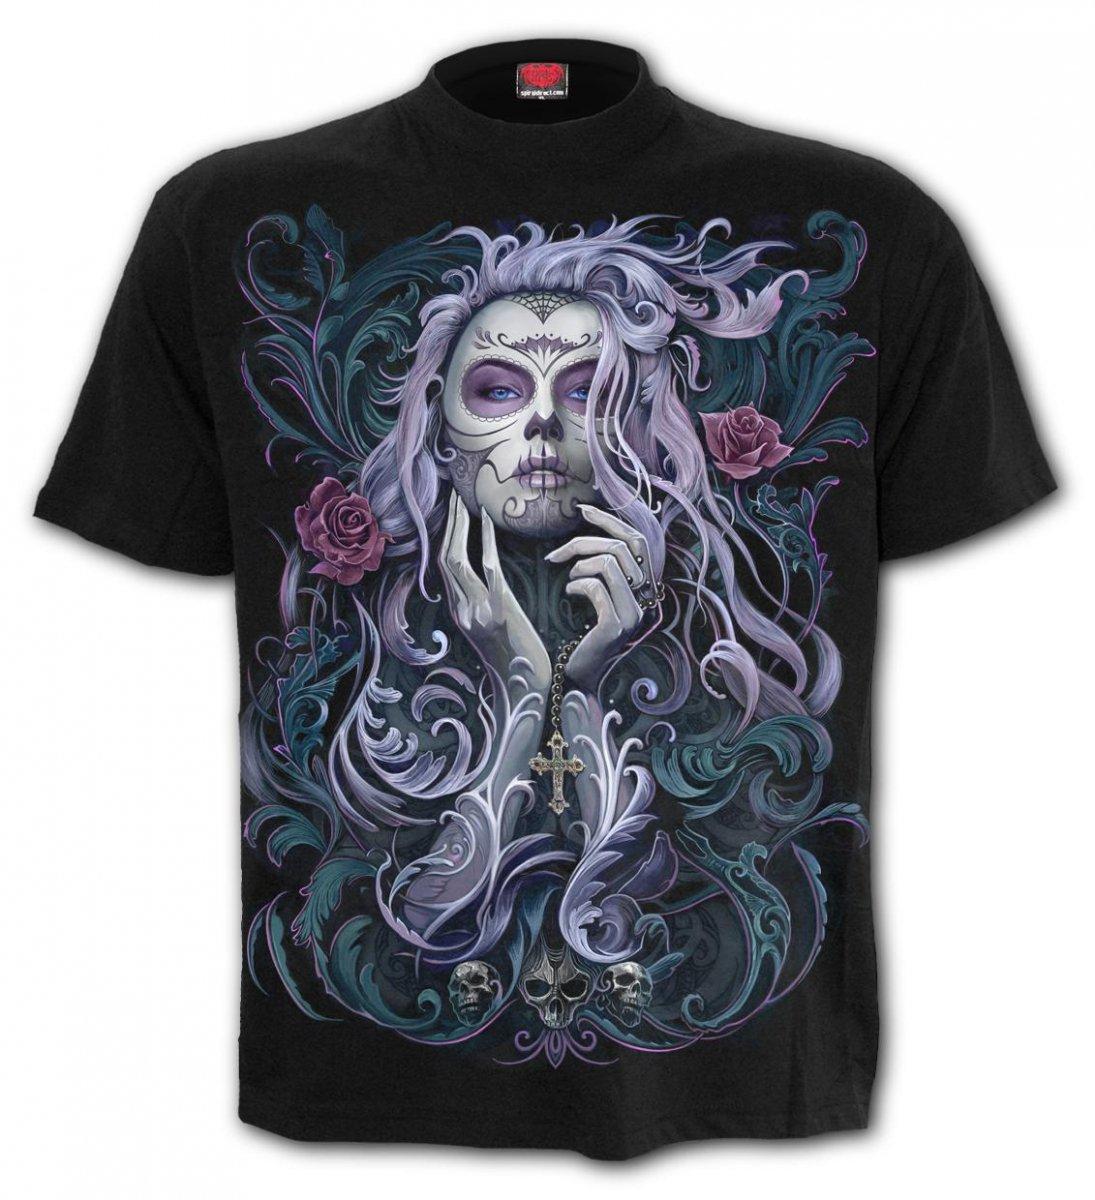 5a1f577bbab4b5 Sklep veoevo.pl - Koszulki Malowane Pazurem - Rococo Skull - Spiral ...